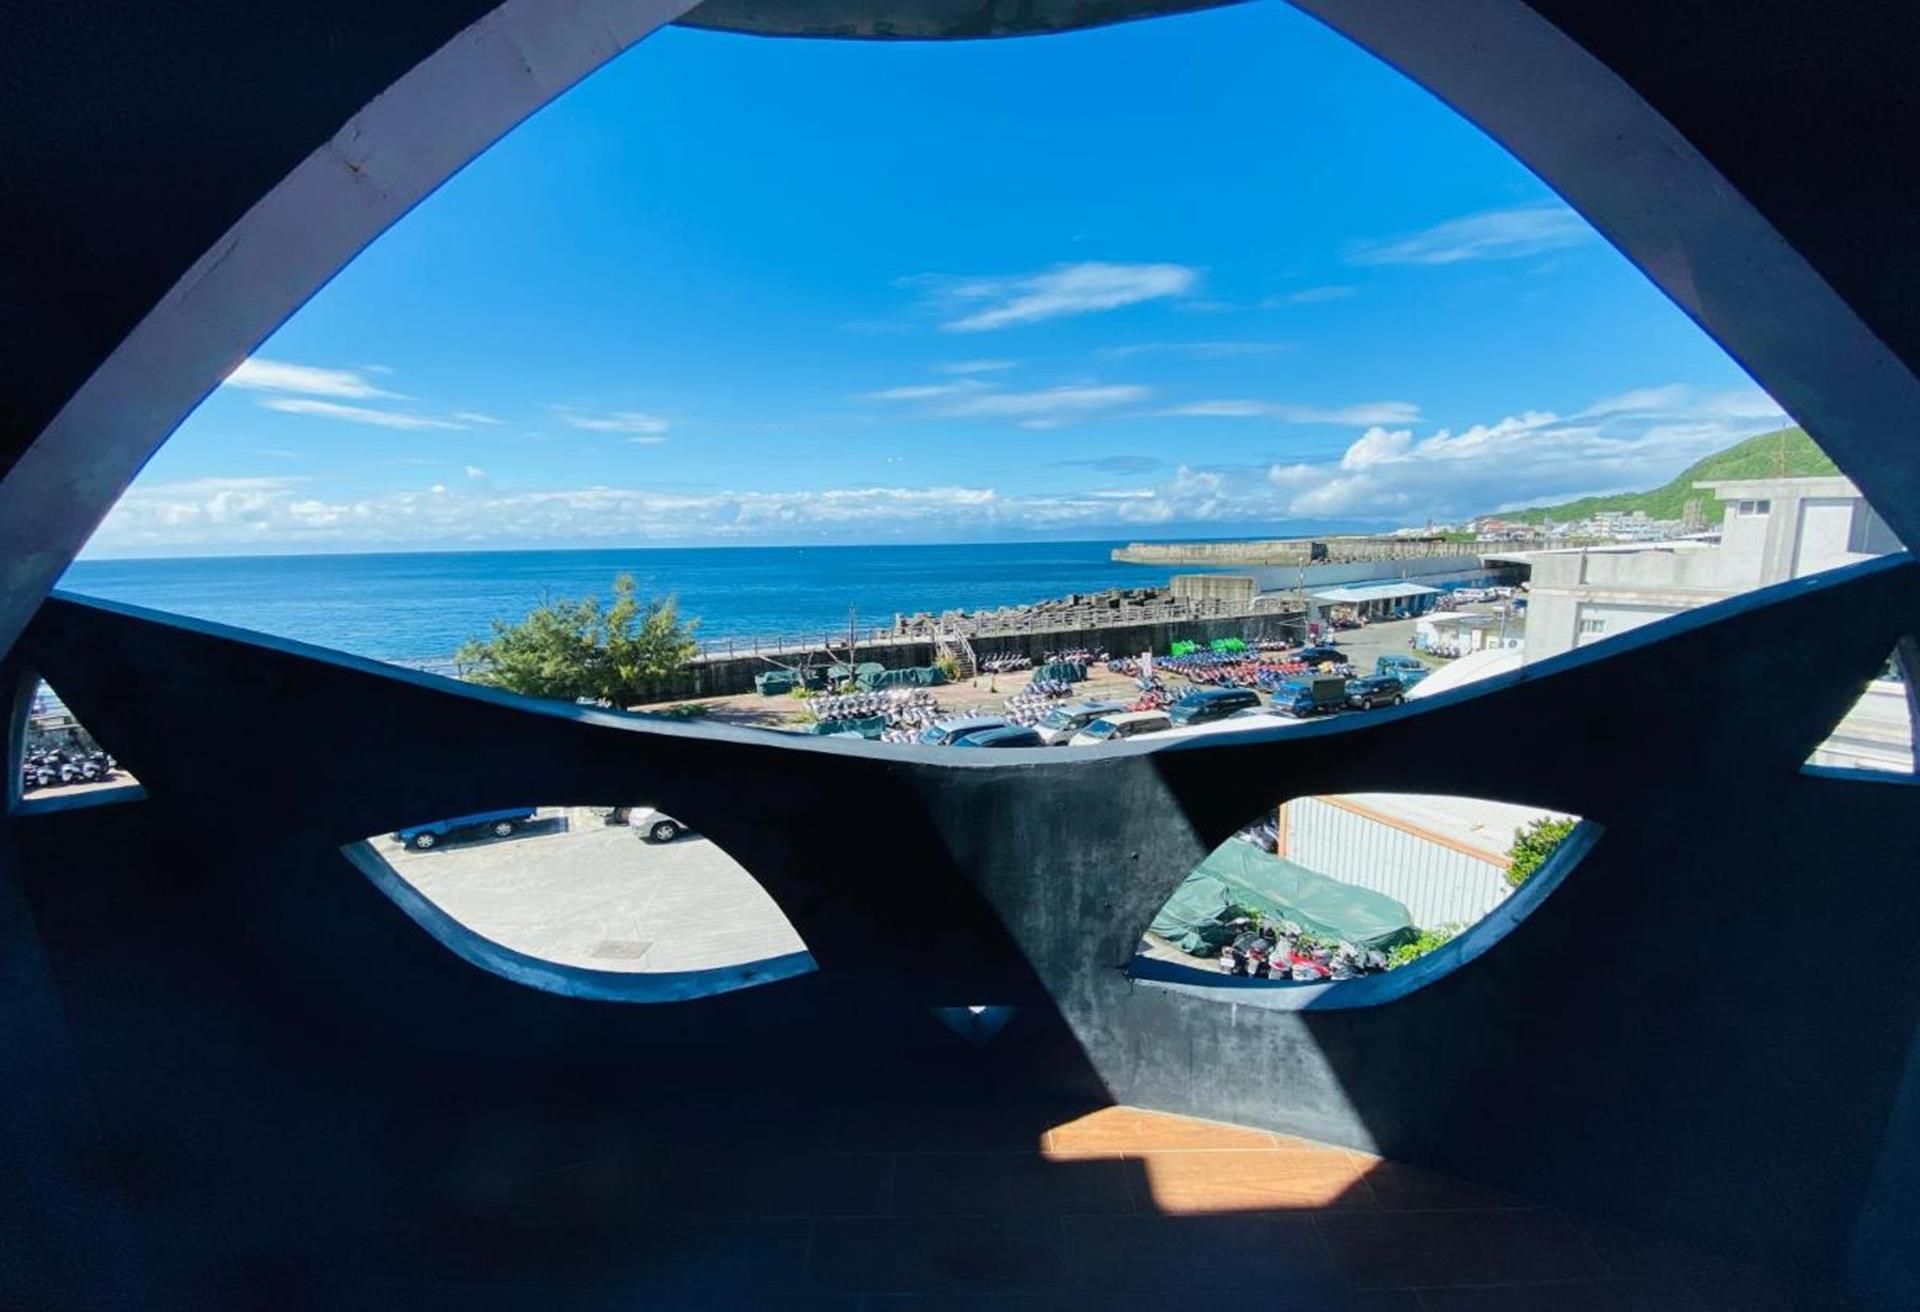 綠島海景民宿推薦 - 月光城堡潛水民宿前方就是大海